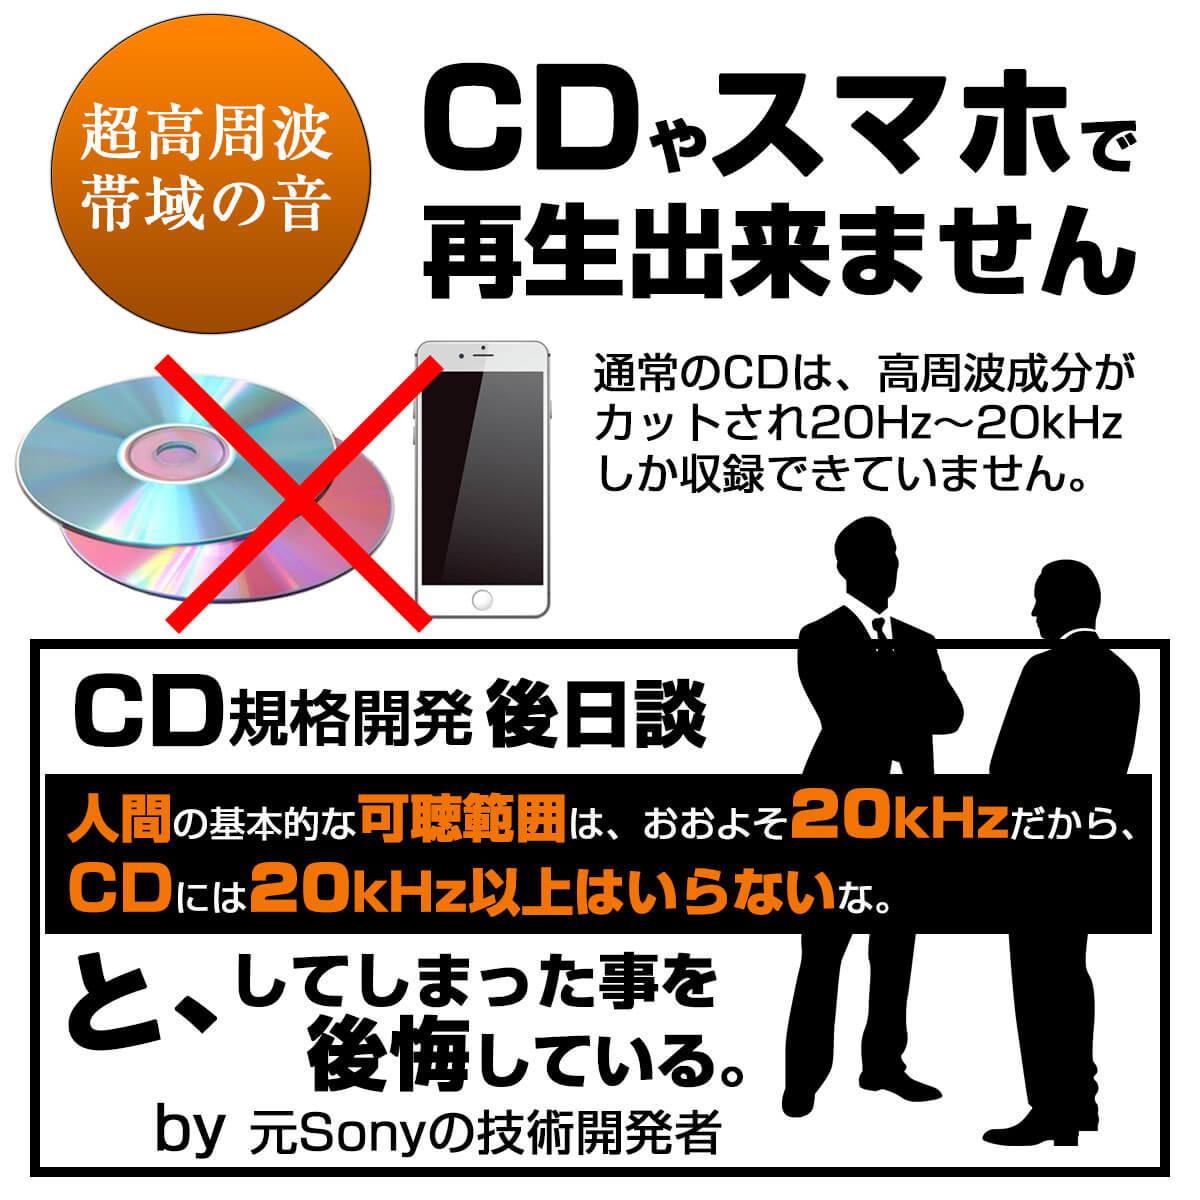 CDやスマホでは再生できない